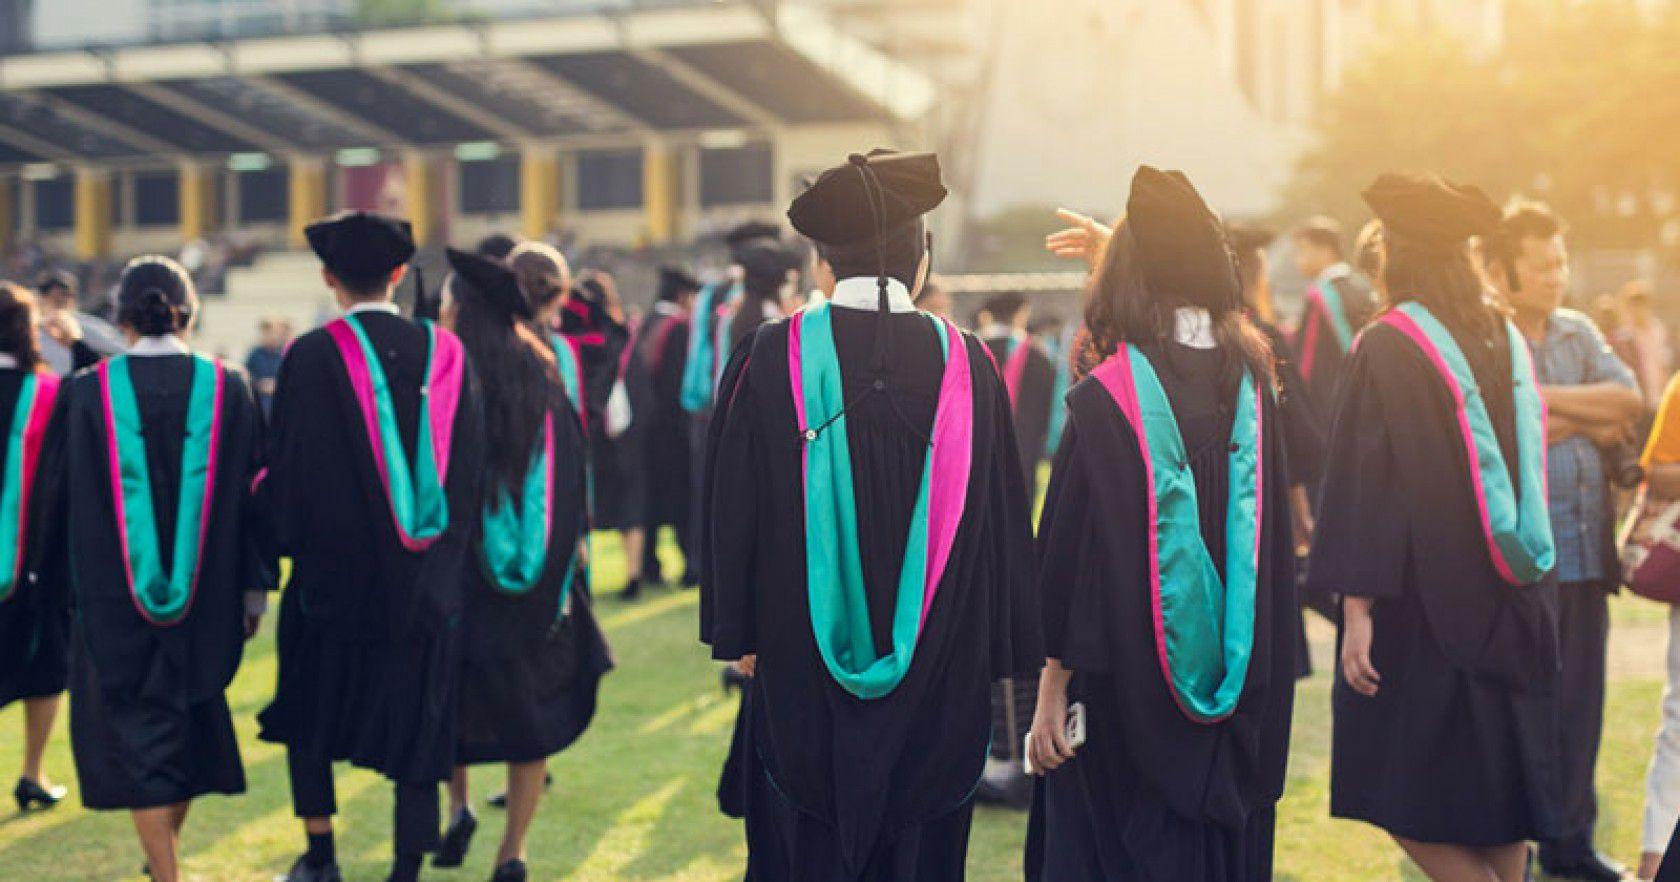 İsviçre Lise Eğitimi ISEE Sınavı Başvurusu Koşulları Nelerdir?